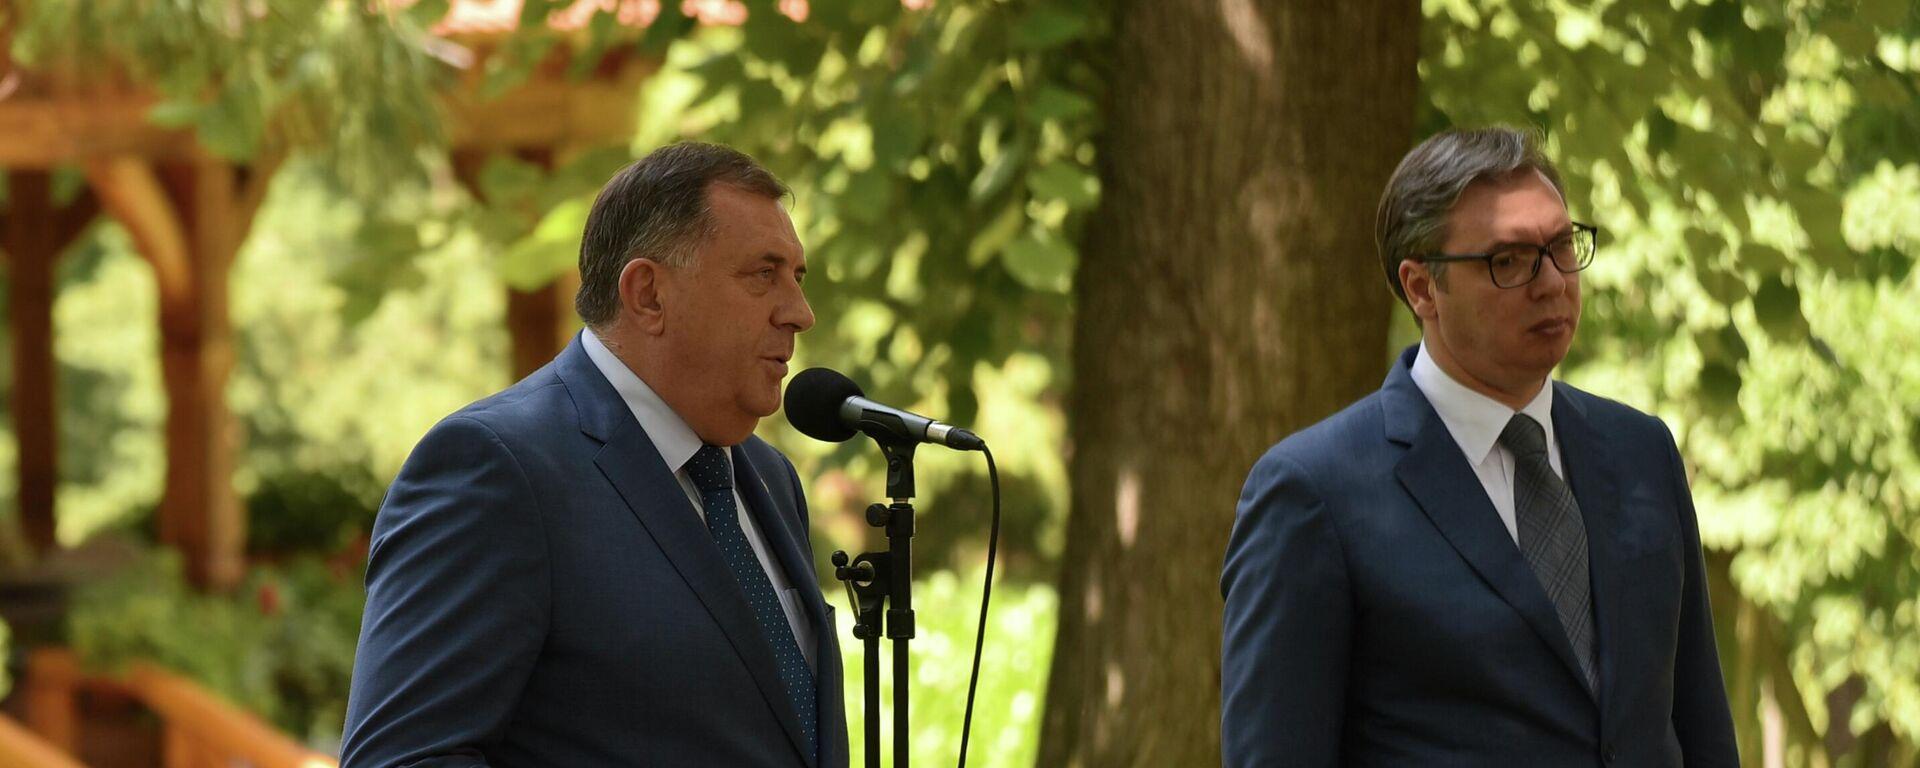 Милорад Додик и Александар Вучић - Sputnik Србија, 1920, 04.08.2021